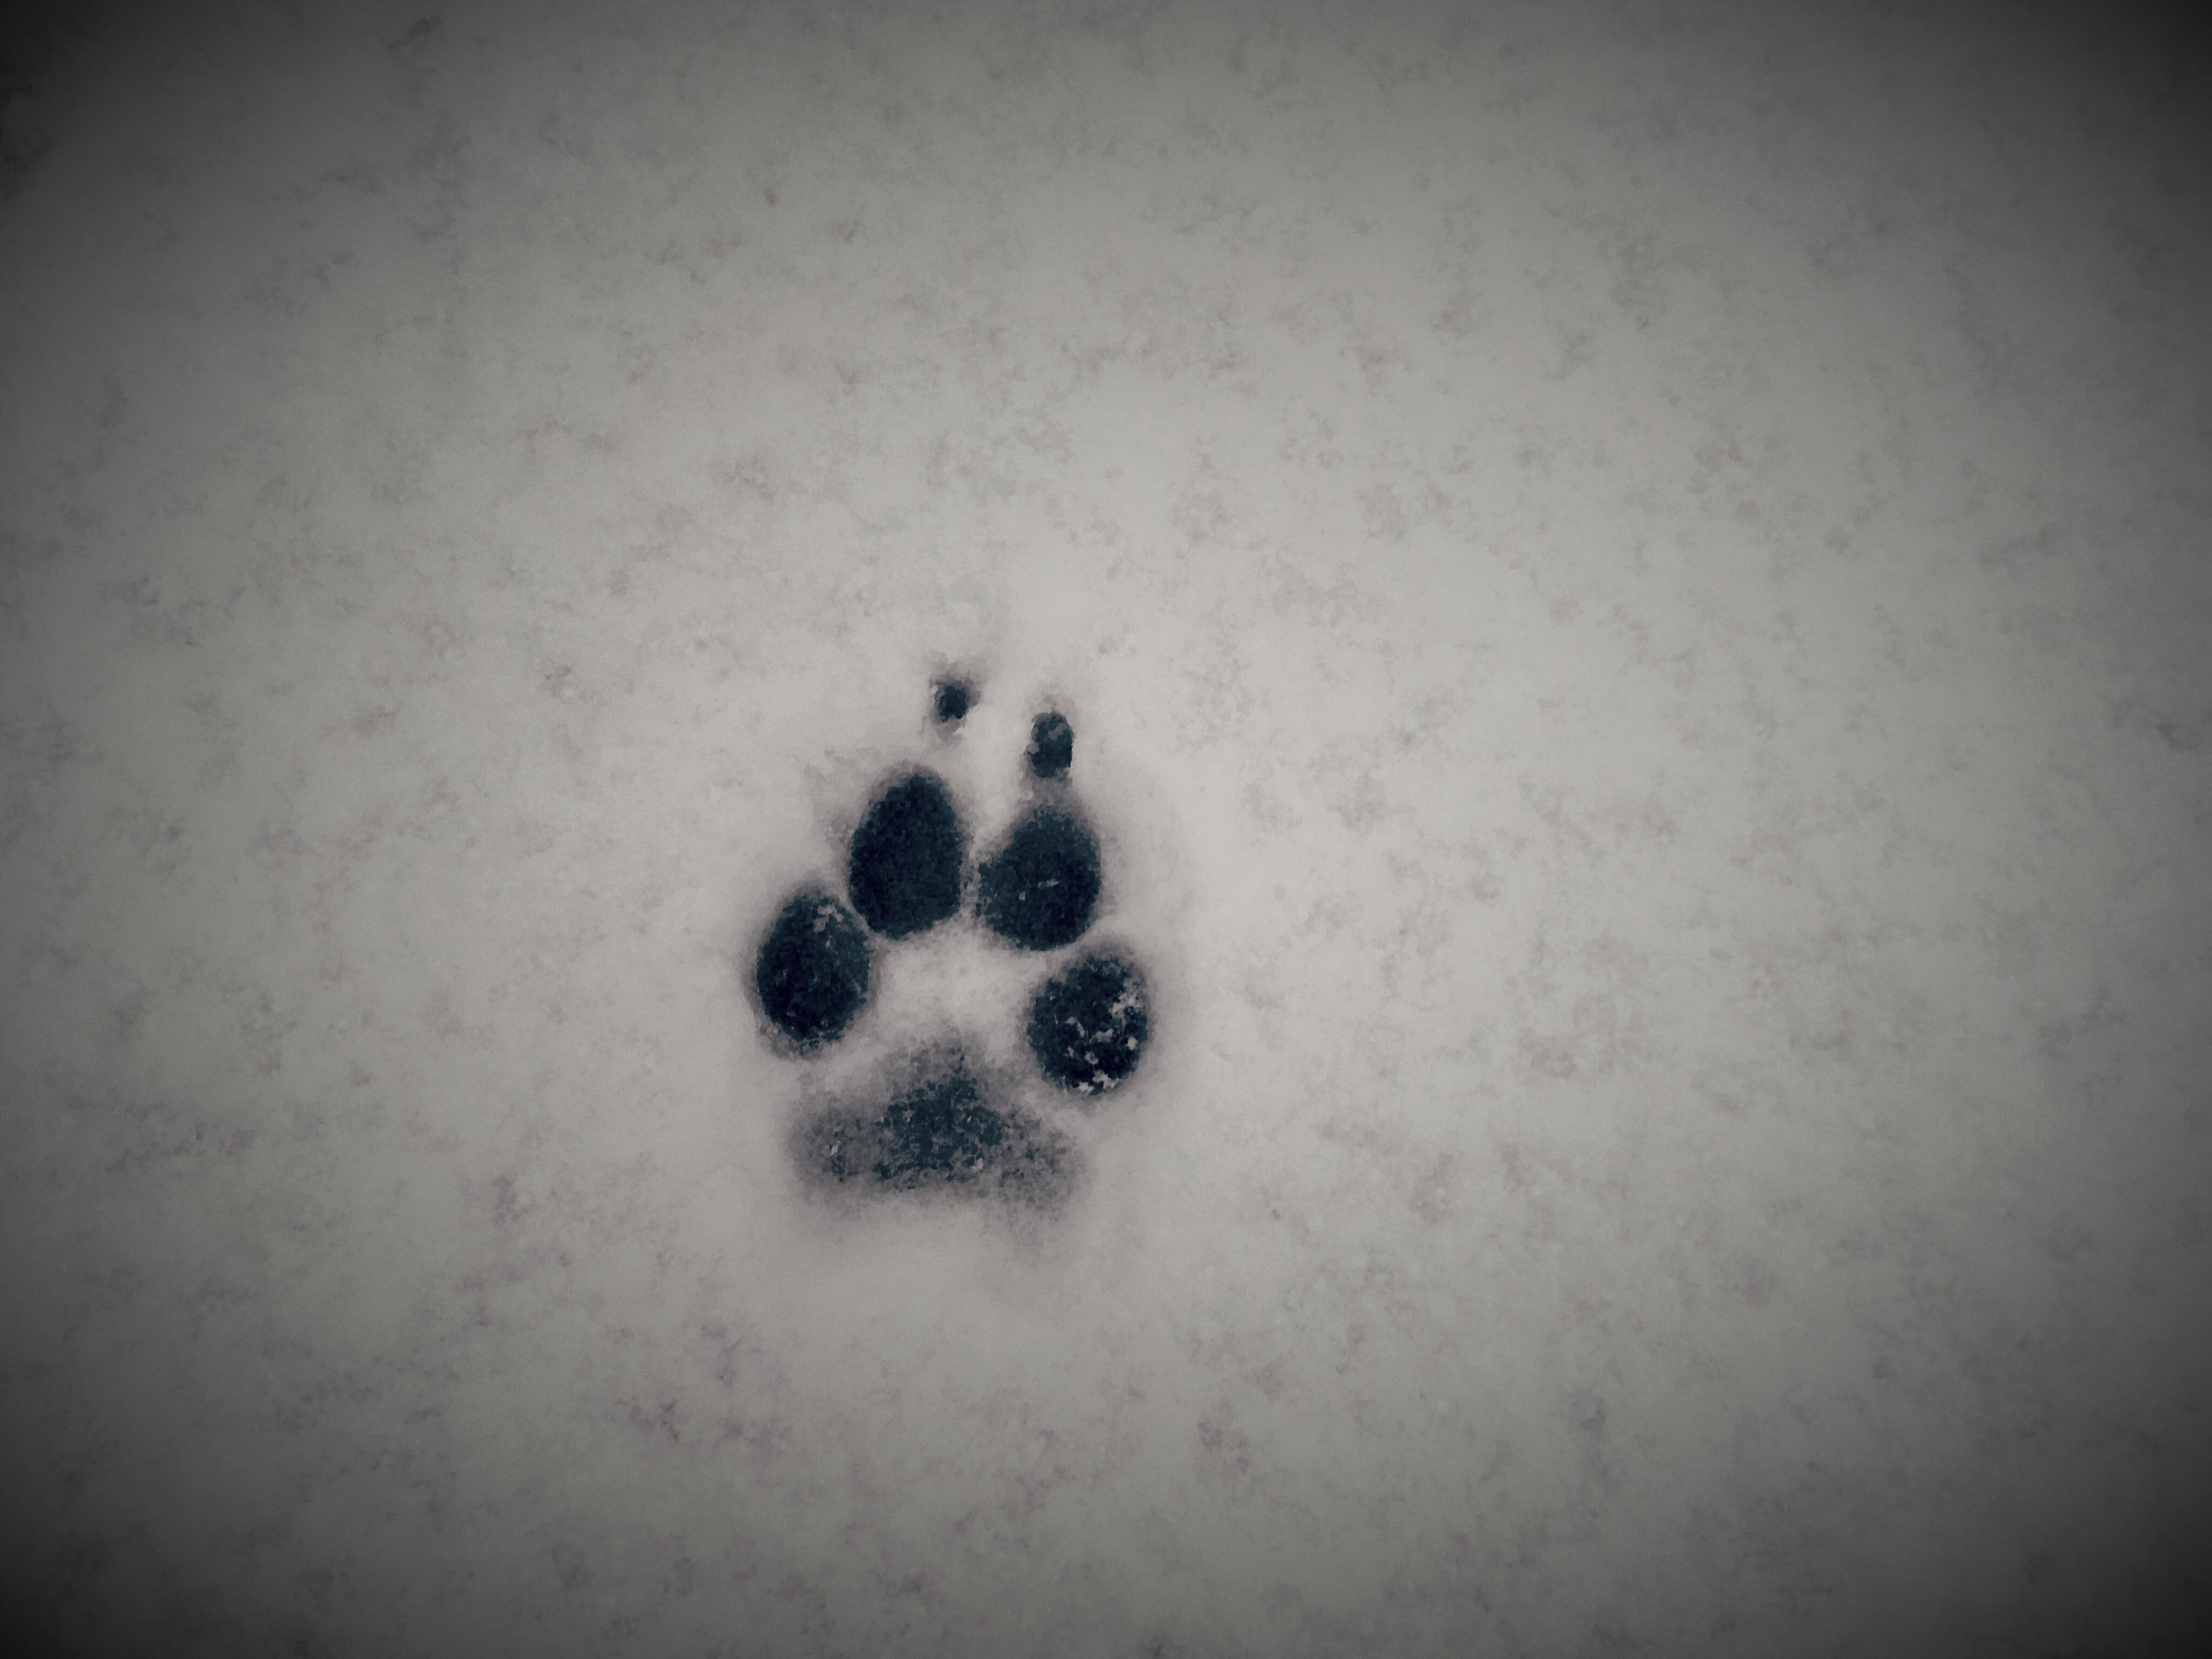 20171210 112253 - Er is een hoop nieuwe sneeuw gevallen de afgelopen zeven dagen...